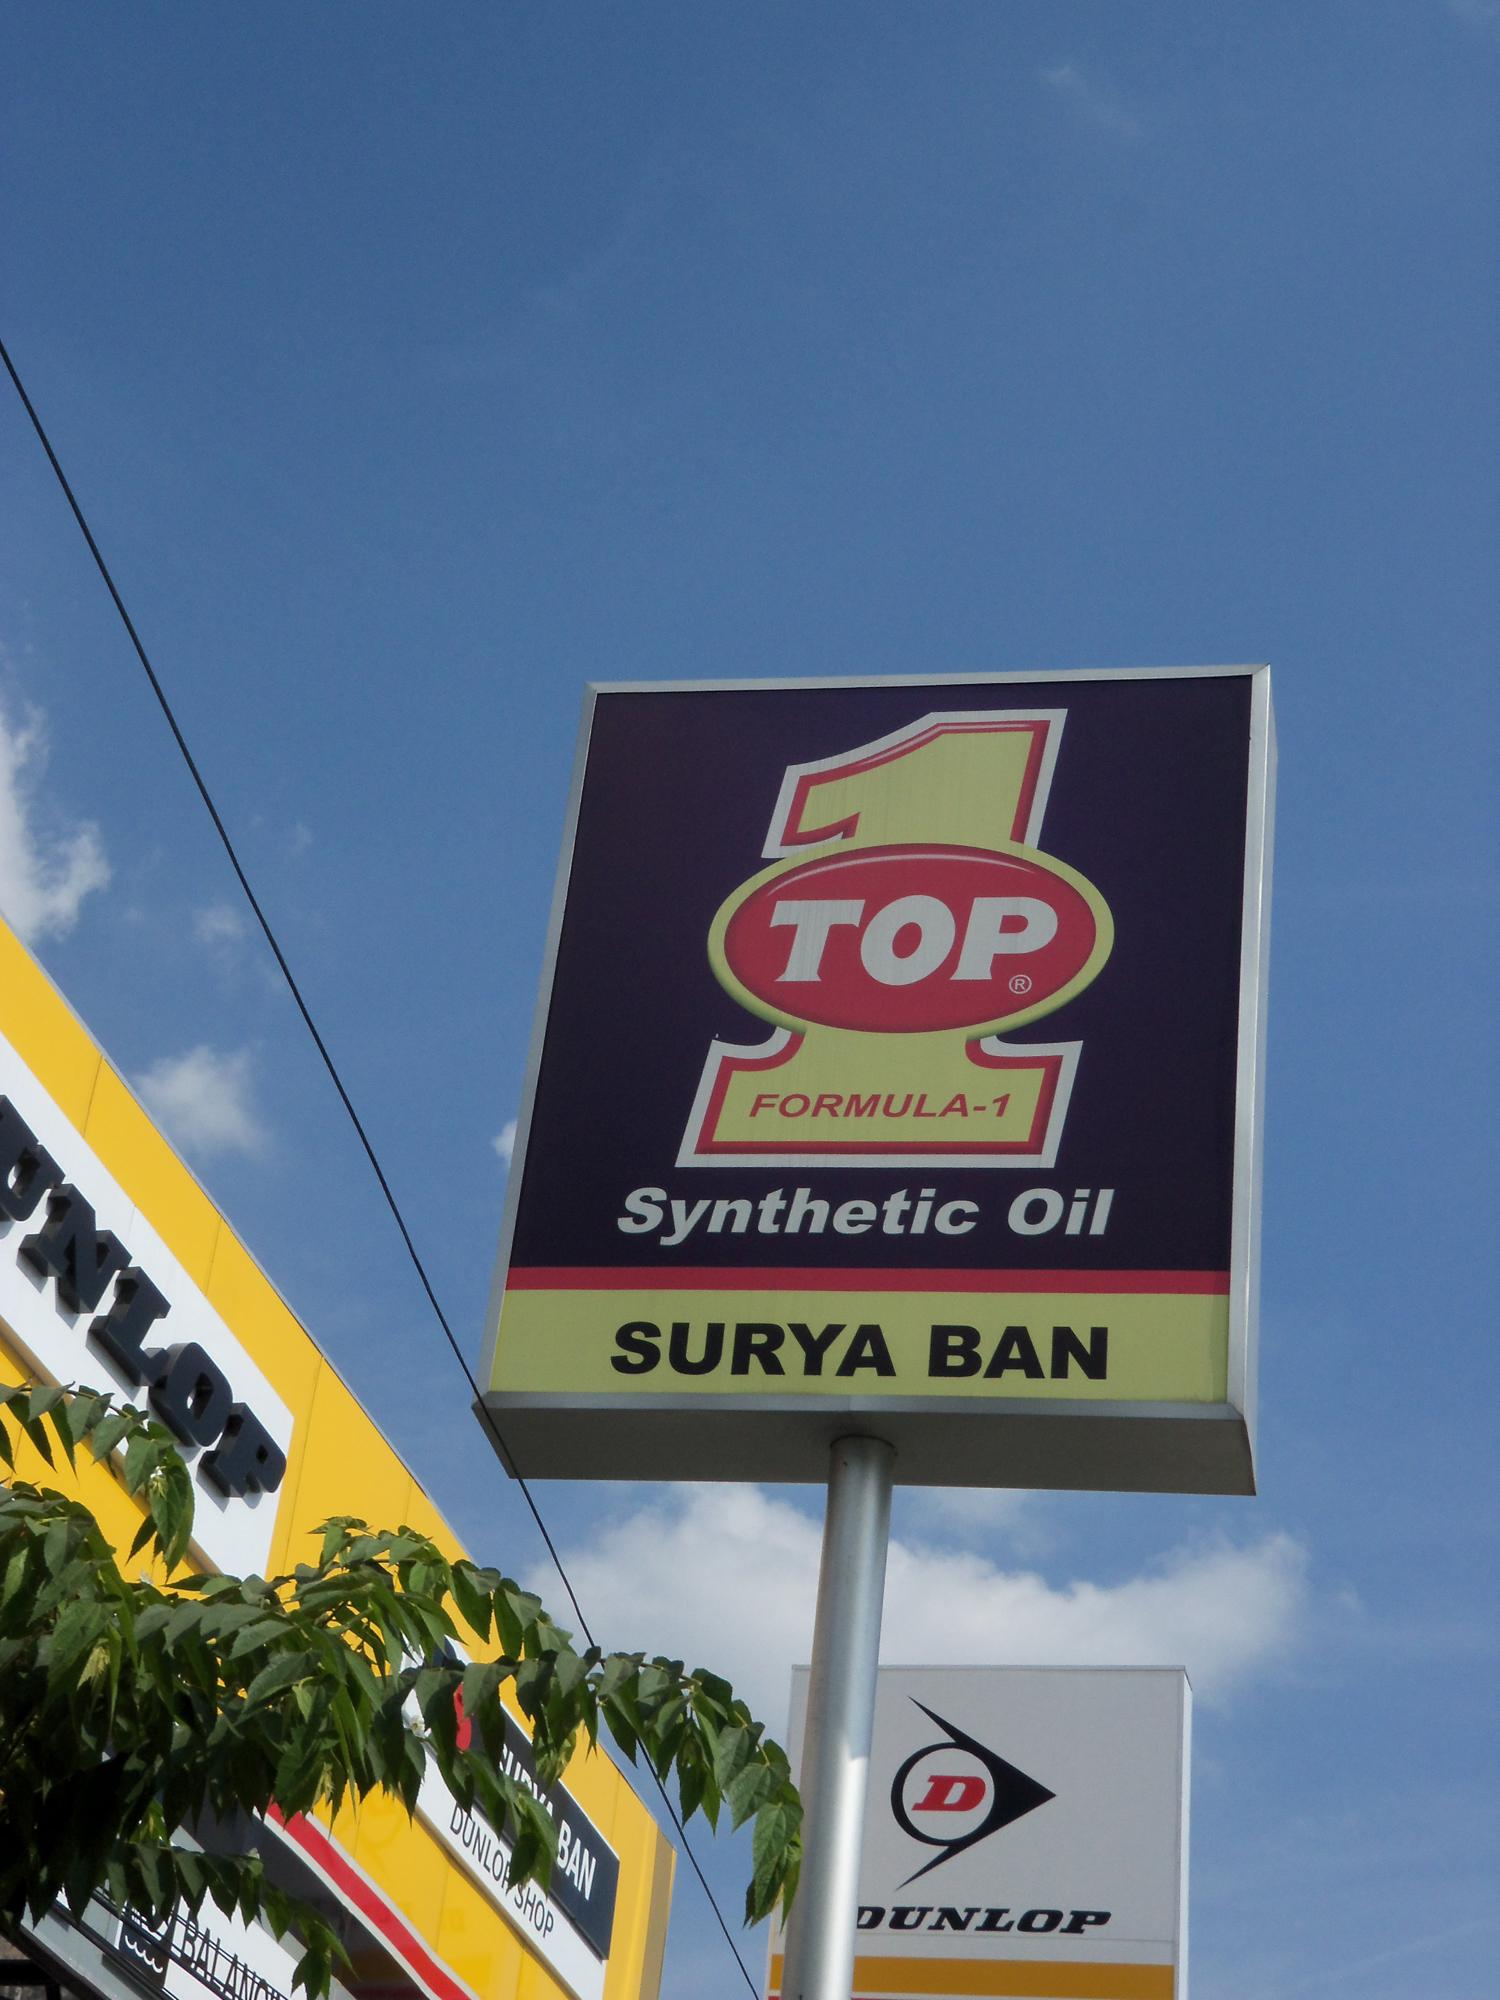 100 5005 - Surya Ban Bengkel Mobil Pekanbaru